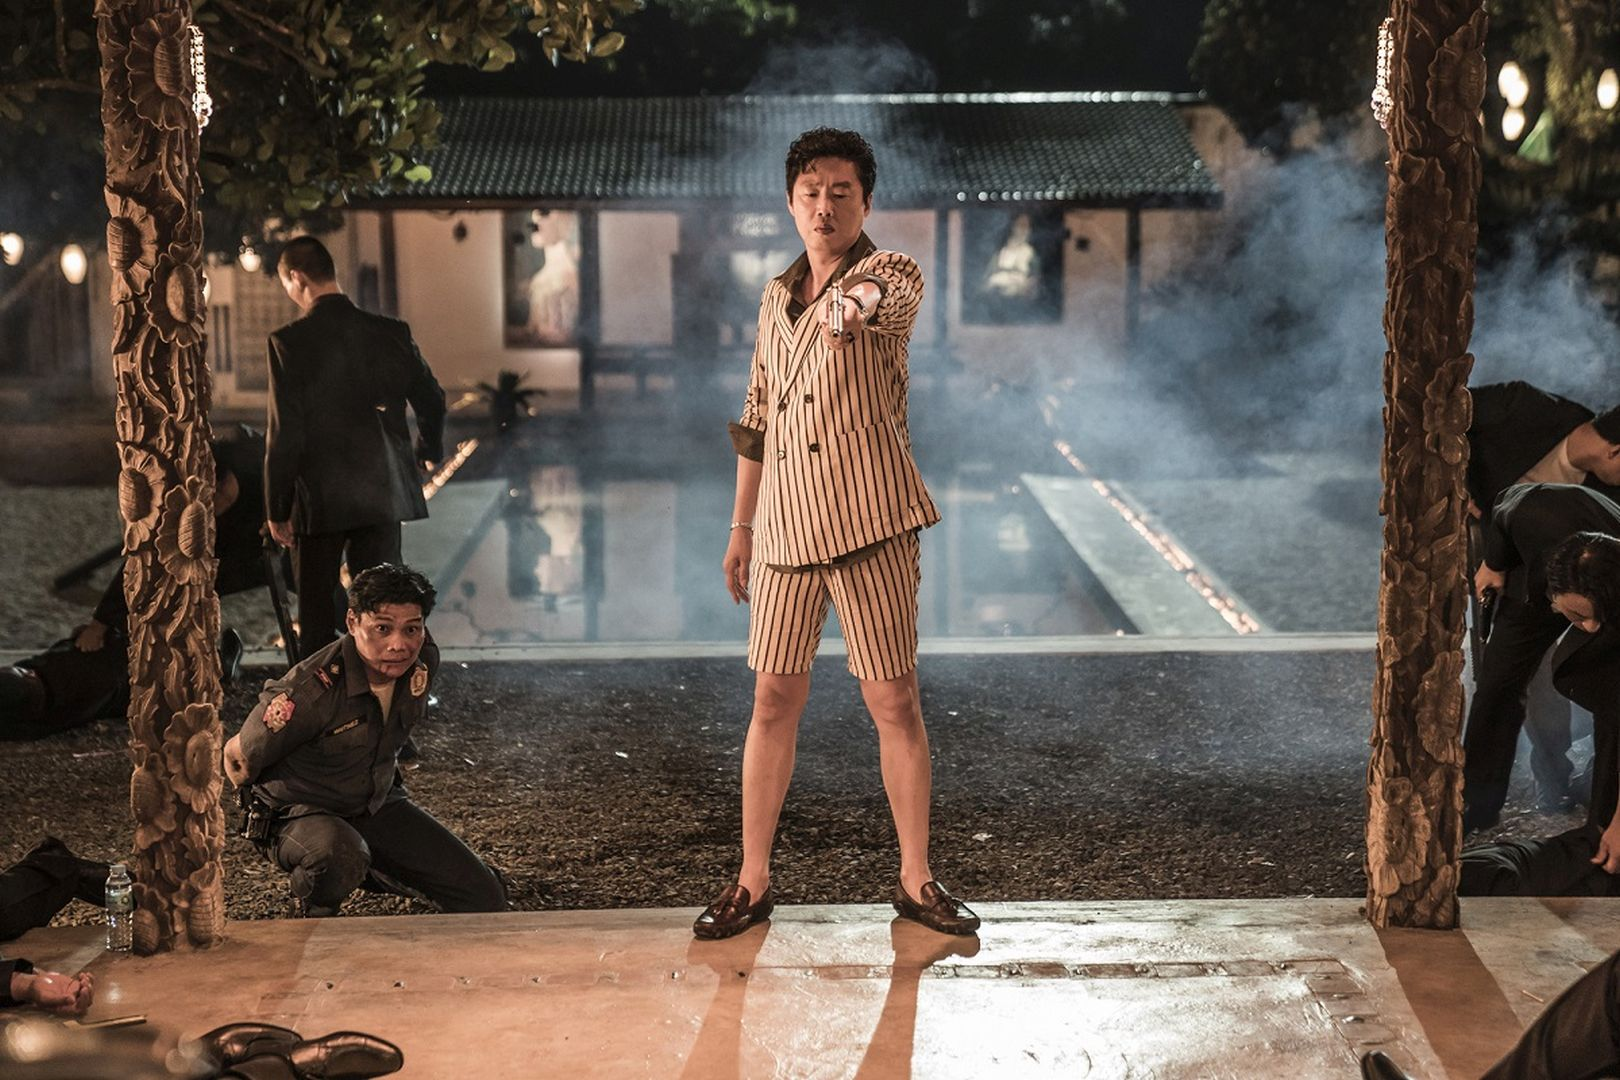 《大叔》金熙元劇中飾演犯罪組織殺手「派翠克」